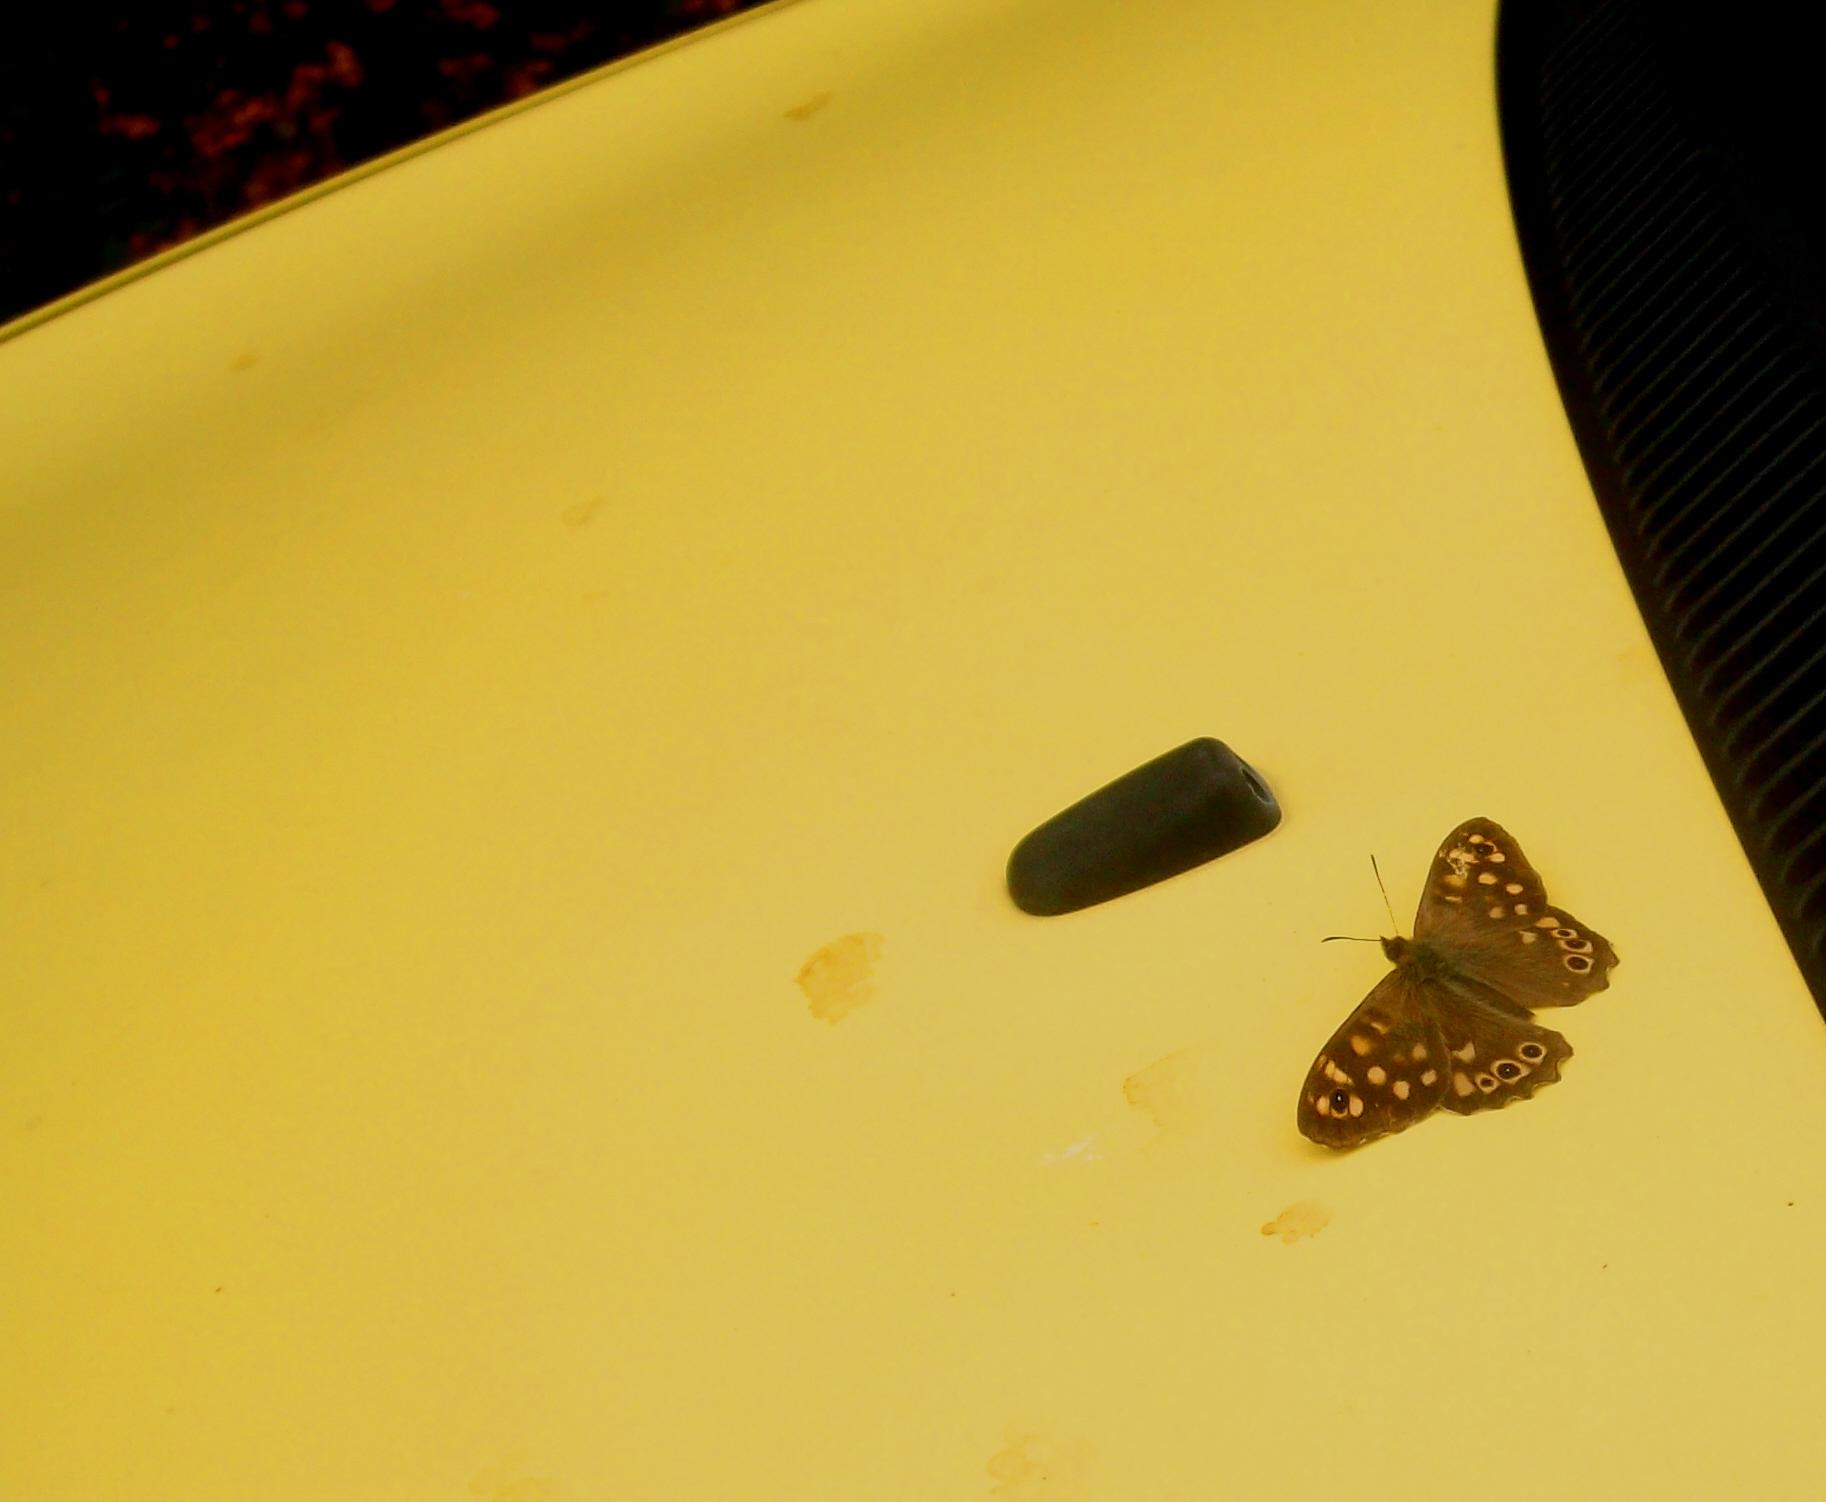 Farfalla cerca il caldo - Foto Guido Comin PoetaMatusèl